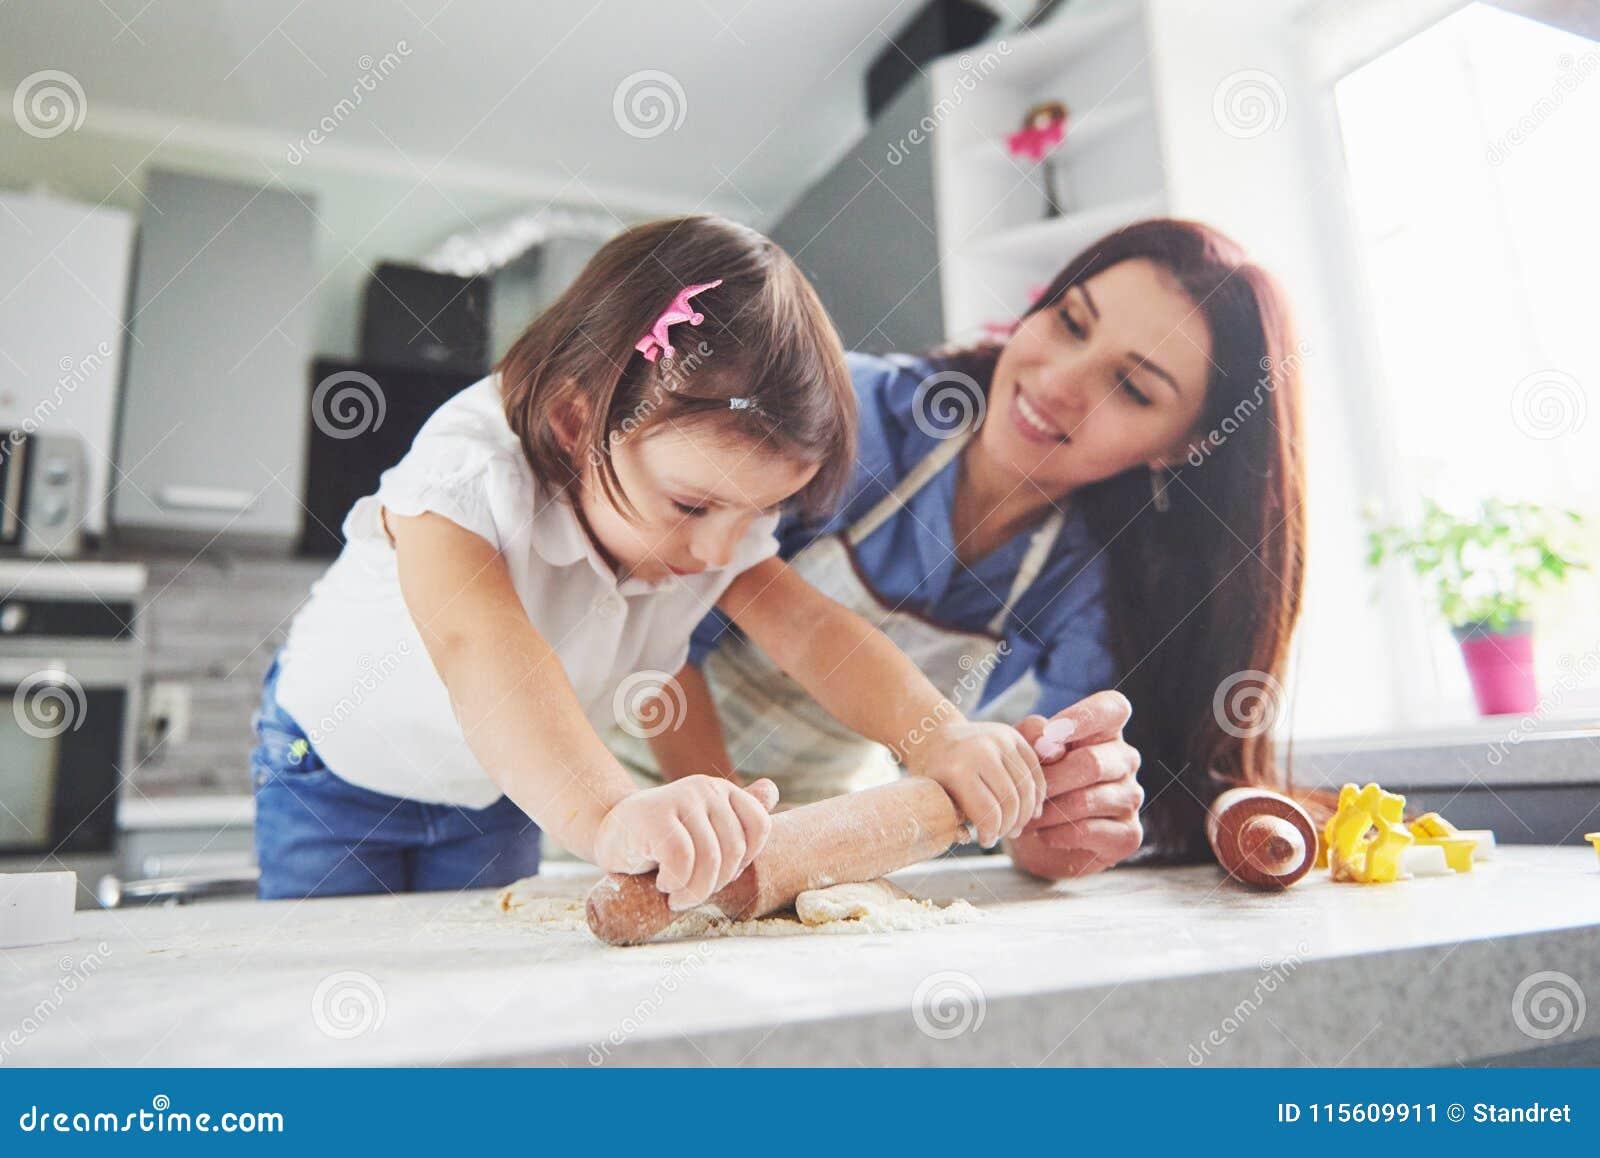 Glückliche Familie in der Küche Feiertagslebensmittelkonzept Die Mutter und Tochter, die den Teig zubereiten, backen Plätzchen Gl